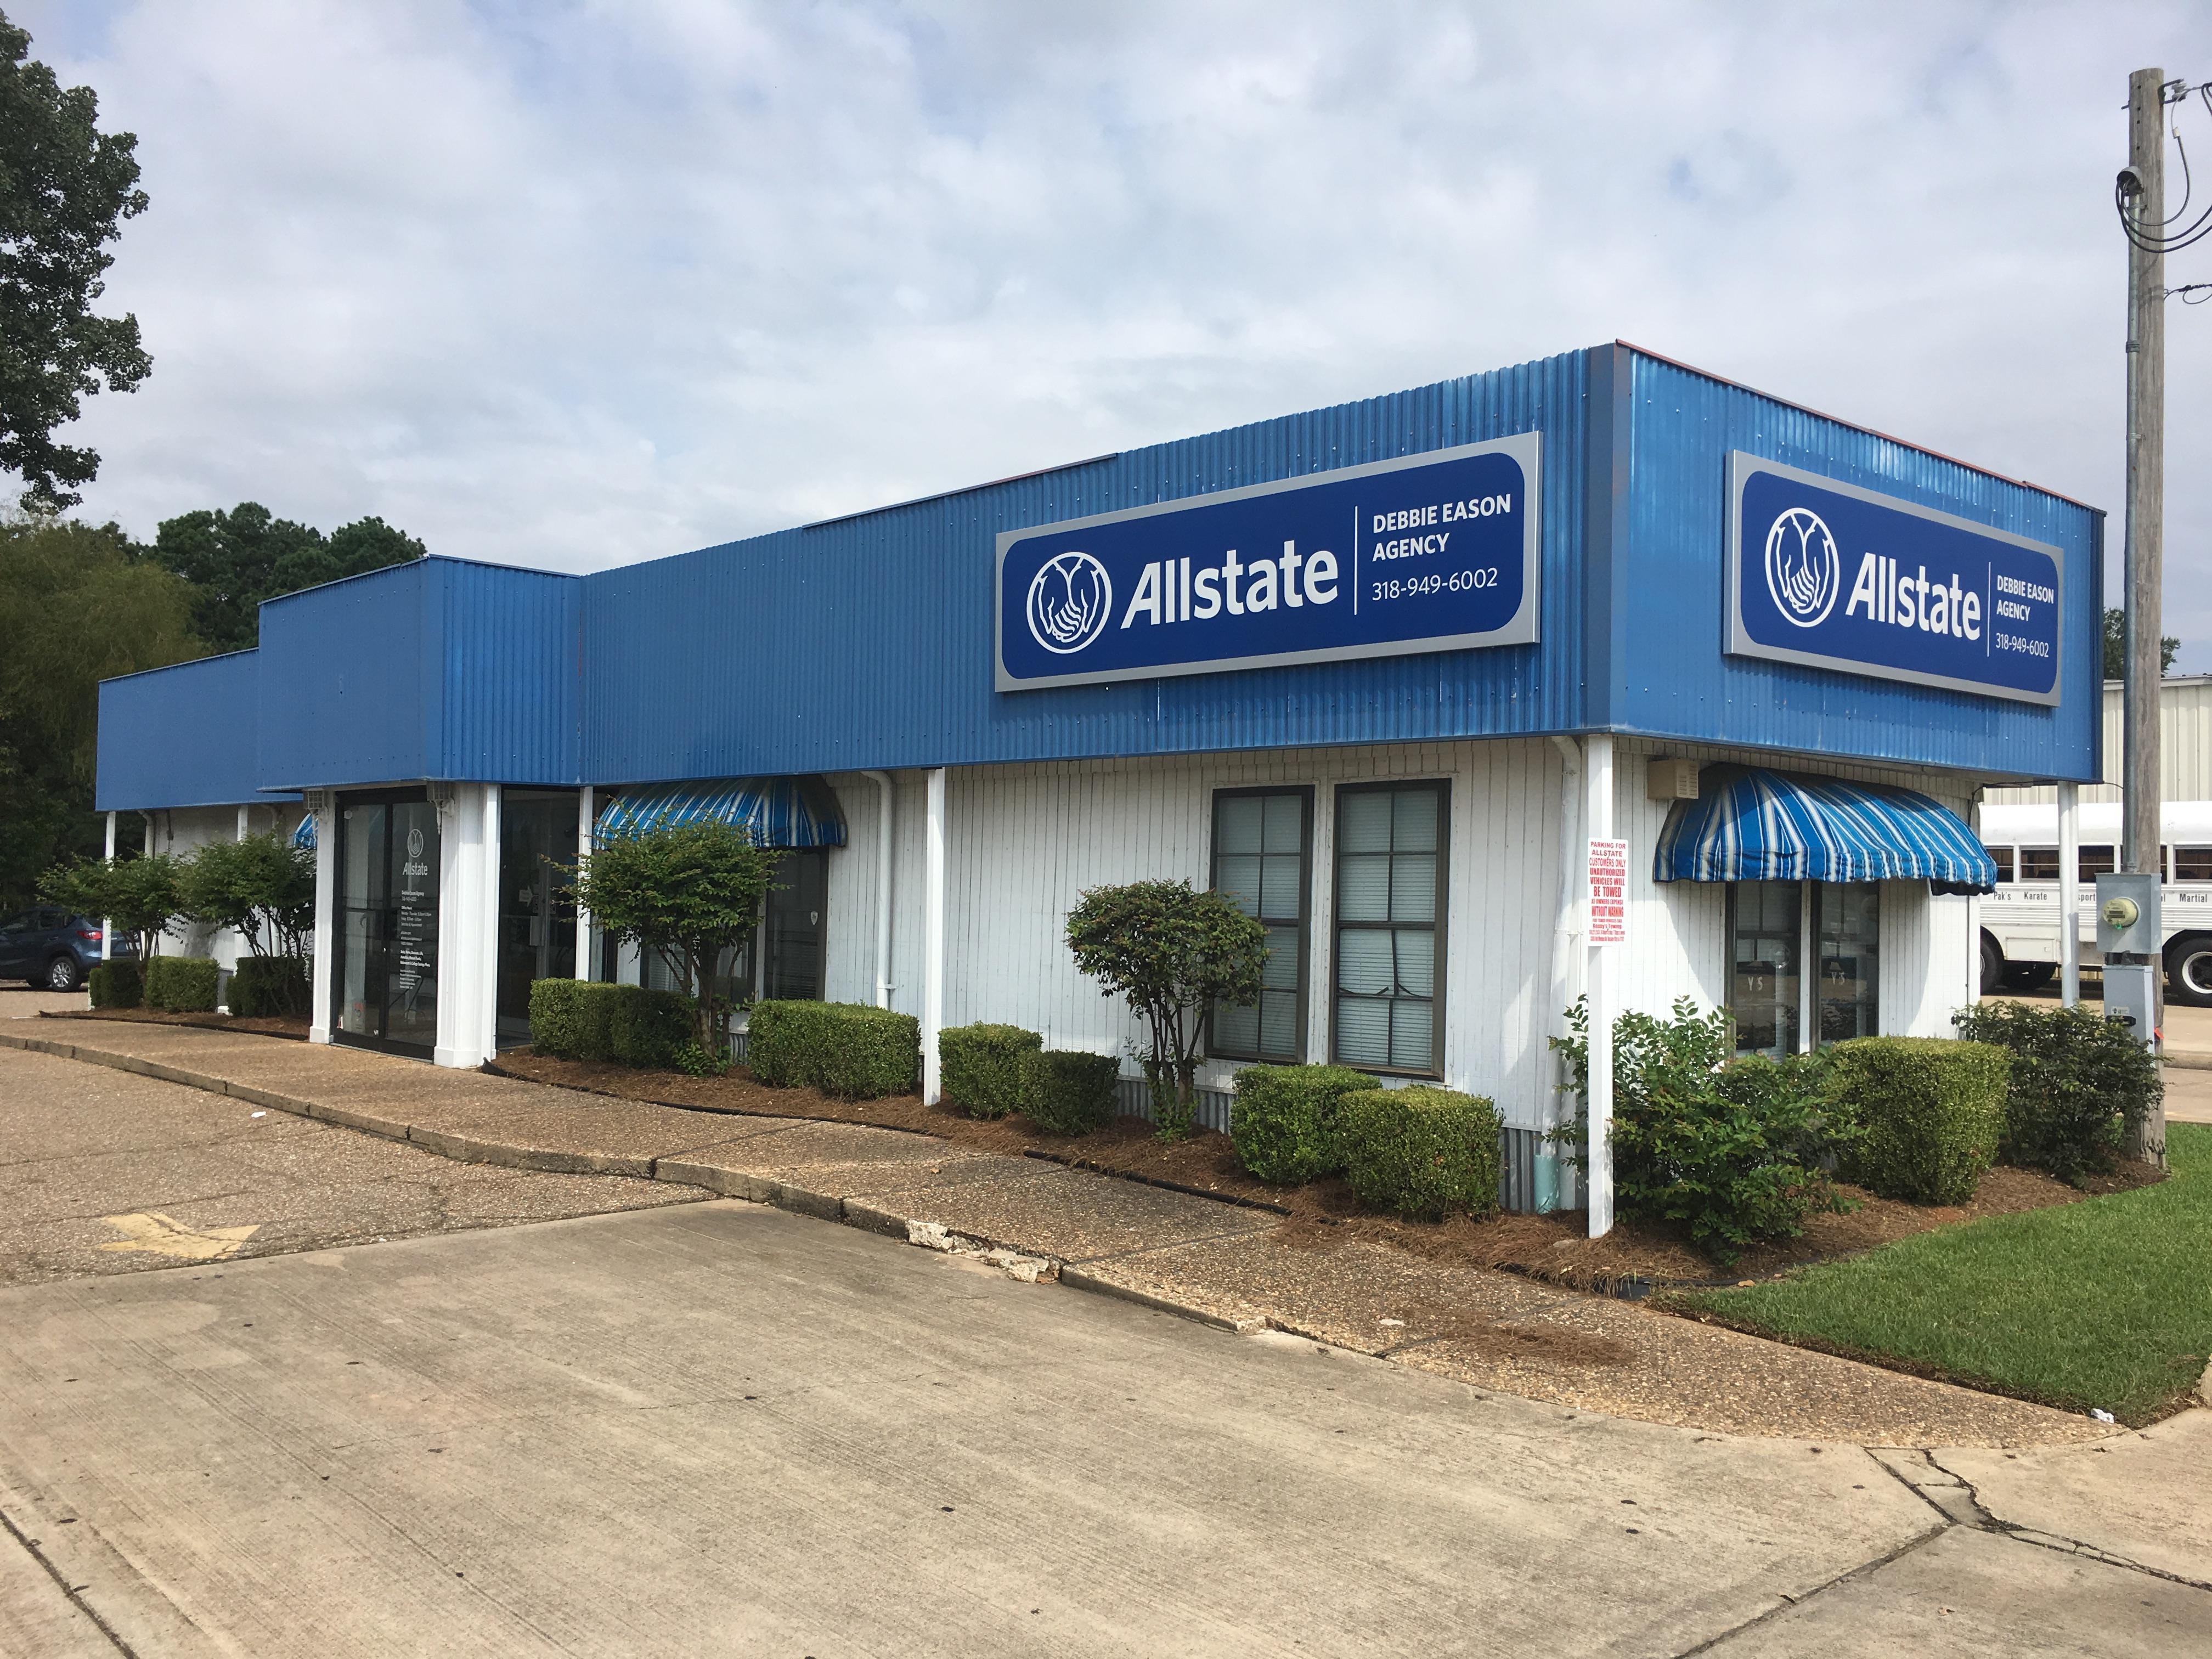 Allstate Insurance Agent: Debbie Eason image 1